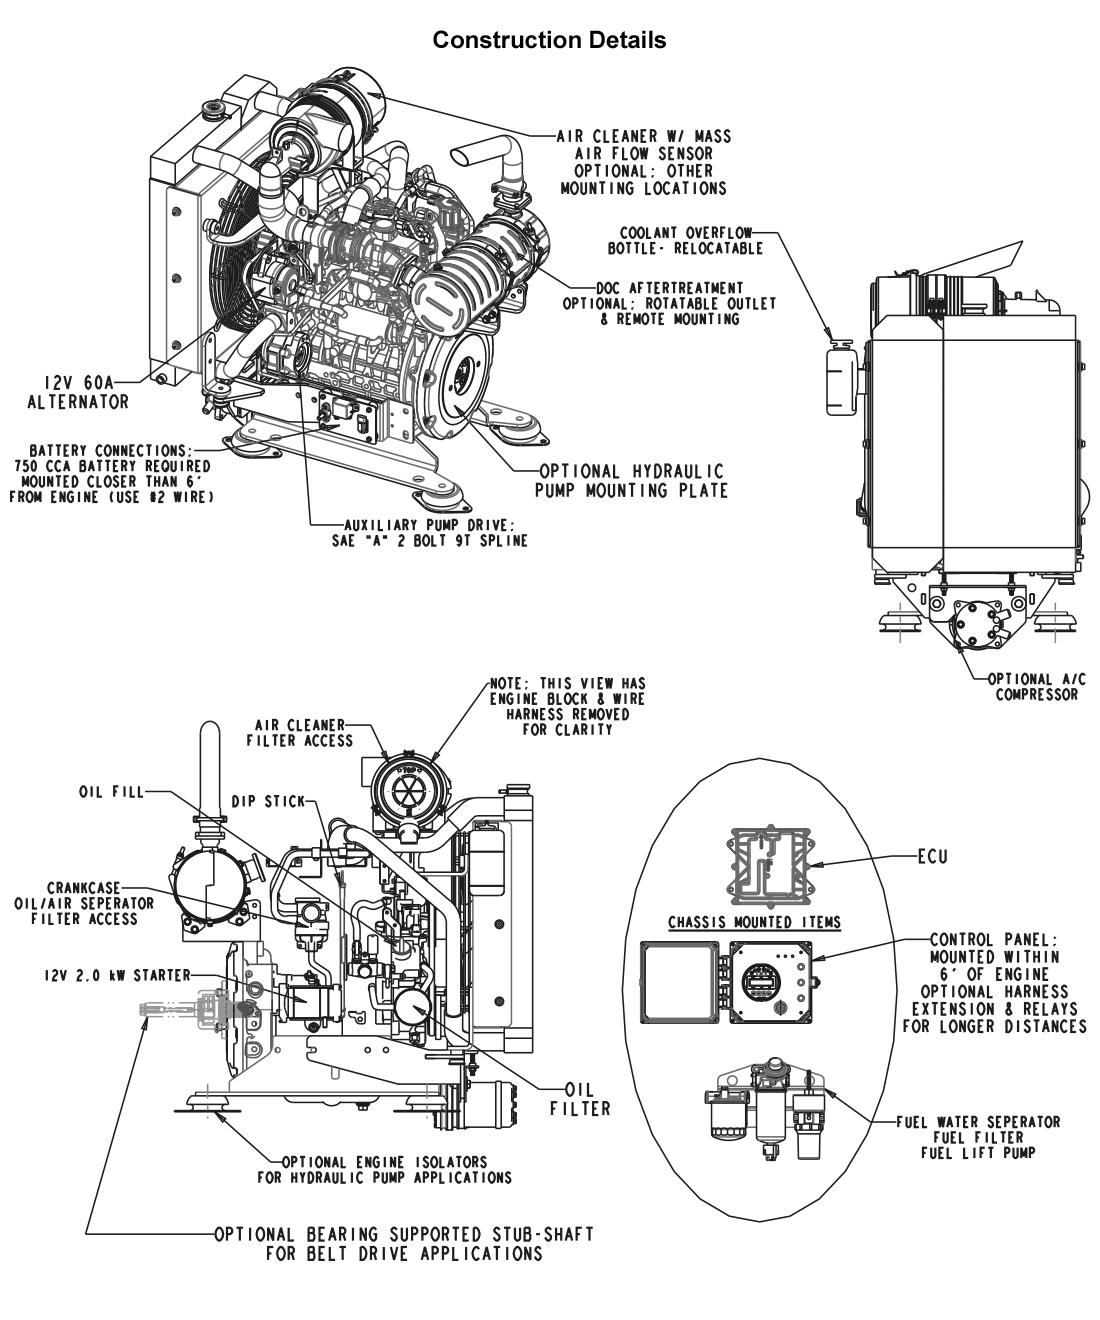 49 6 Hp Tier 4 Finalsel Power Unit Details